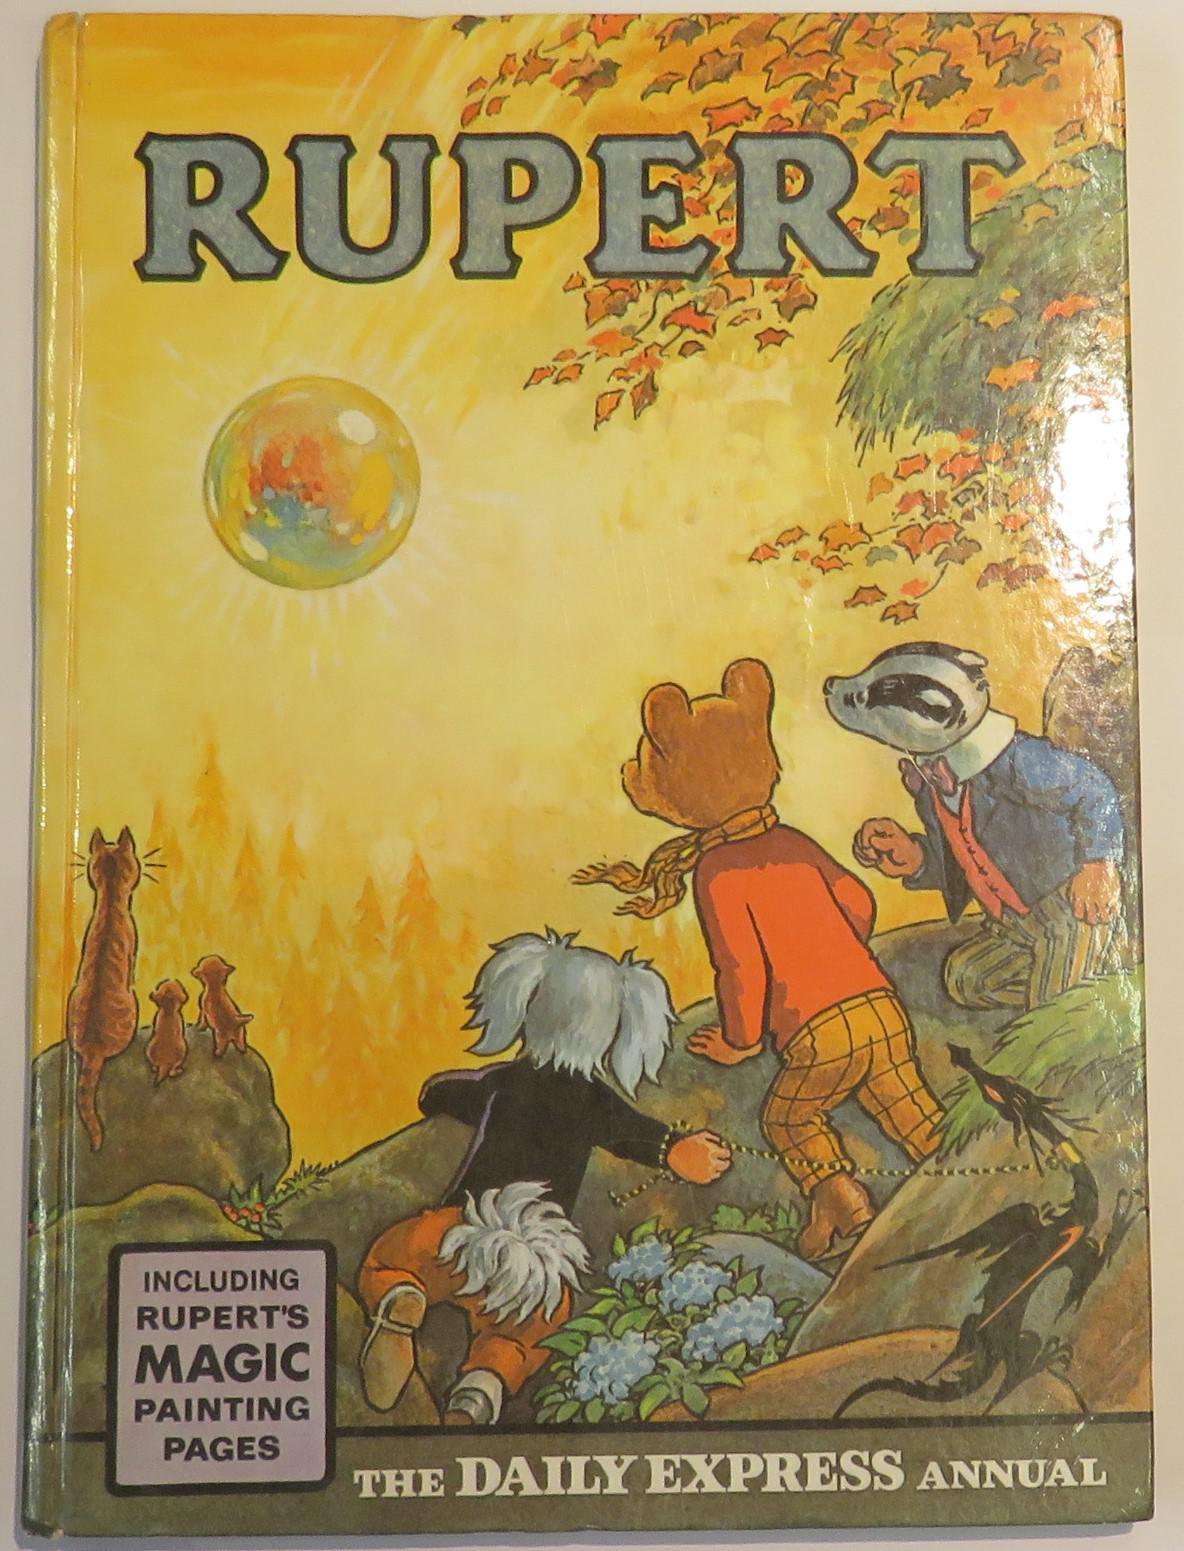 Rupert Daily Express Annual 1968